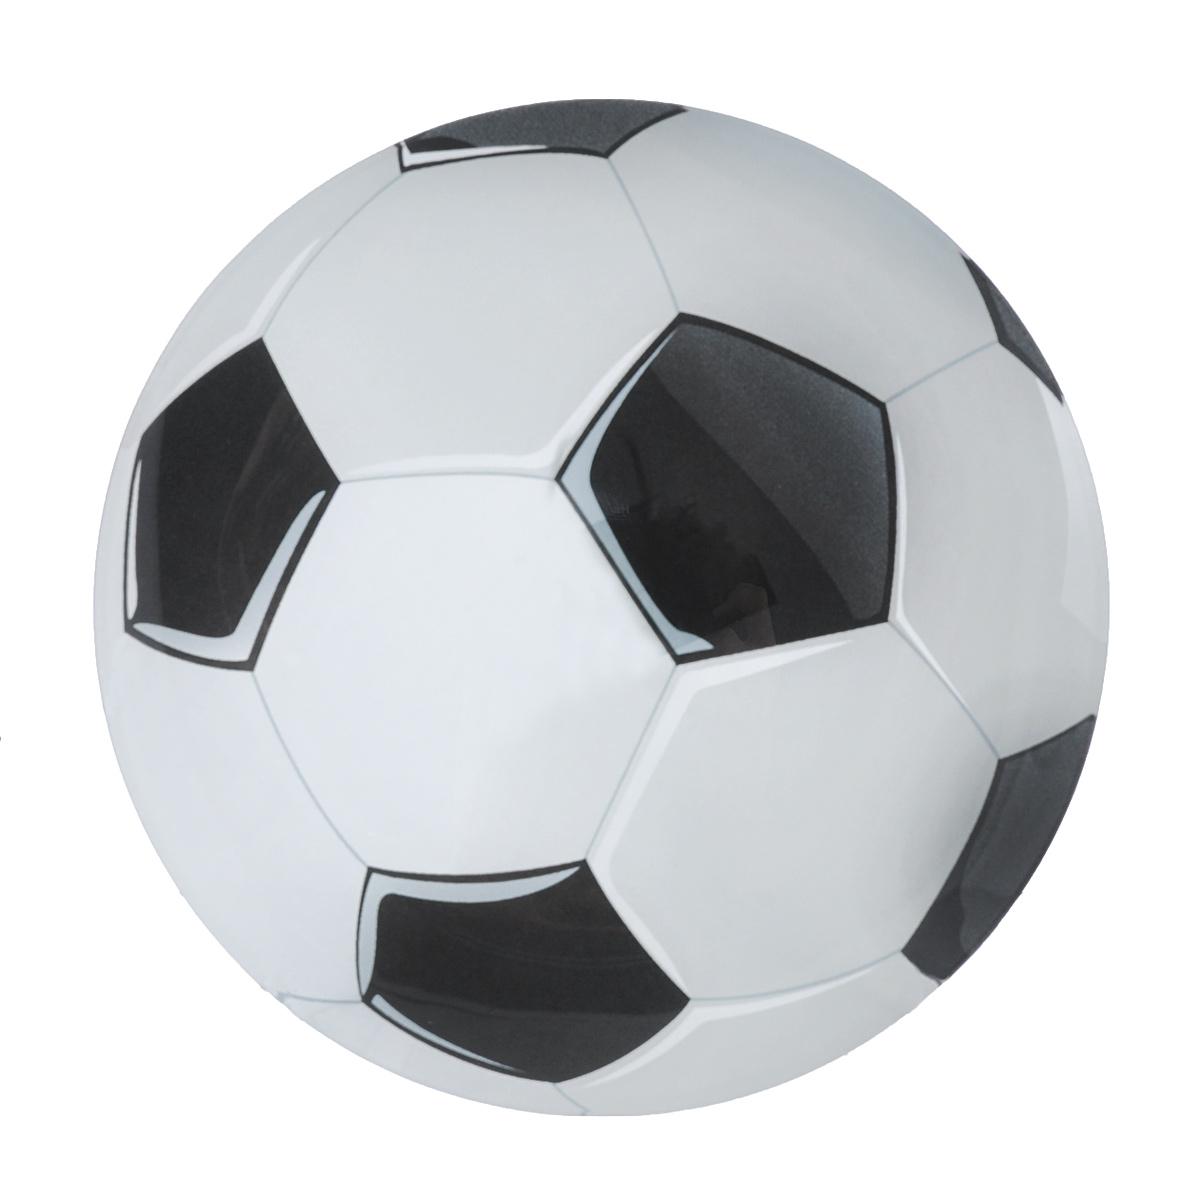 Тарелка Zibo Shelley Футбольный мяч, диаметр 20 смZSFB0008Тарелка Zibo Shelley Футбольный мяч изготовлена из высококачественного стекла. Предназначена для красивой подачи различных блюд. Изделие выполнено в форме мяча. Такая тарелка украсит сервировку стола и подчеркнет прекрасный вкус хозяйки. Можно мыть в посудомоечной машине. Диаметр: 20 см. Высота: 1 см.